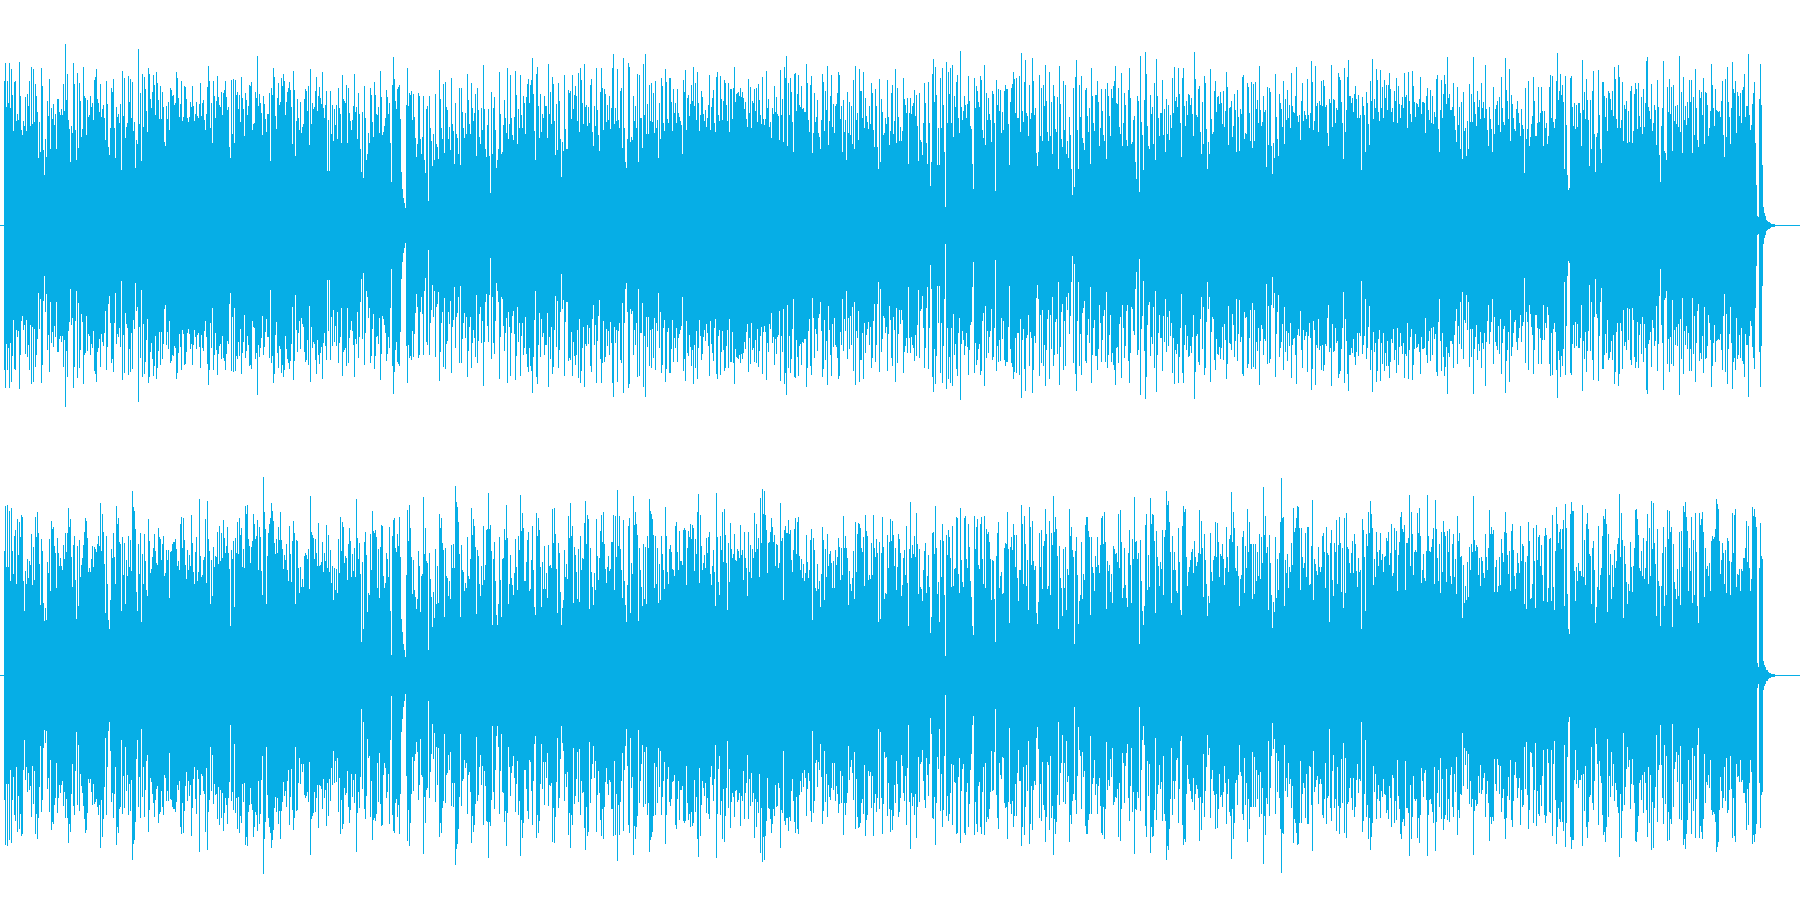 ユニークでかわいいポップミュージックの再生済みの波形